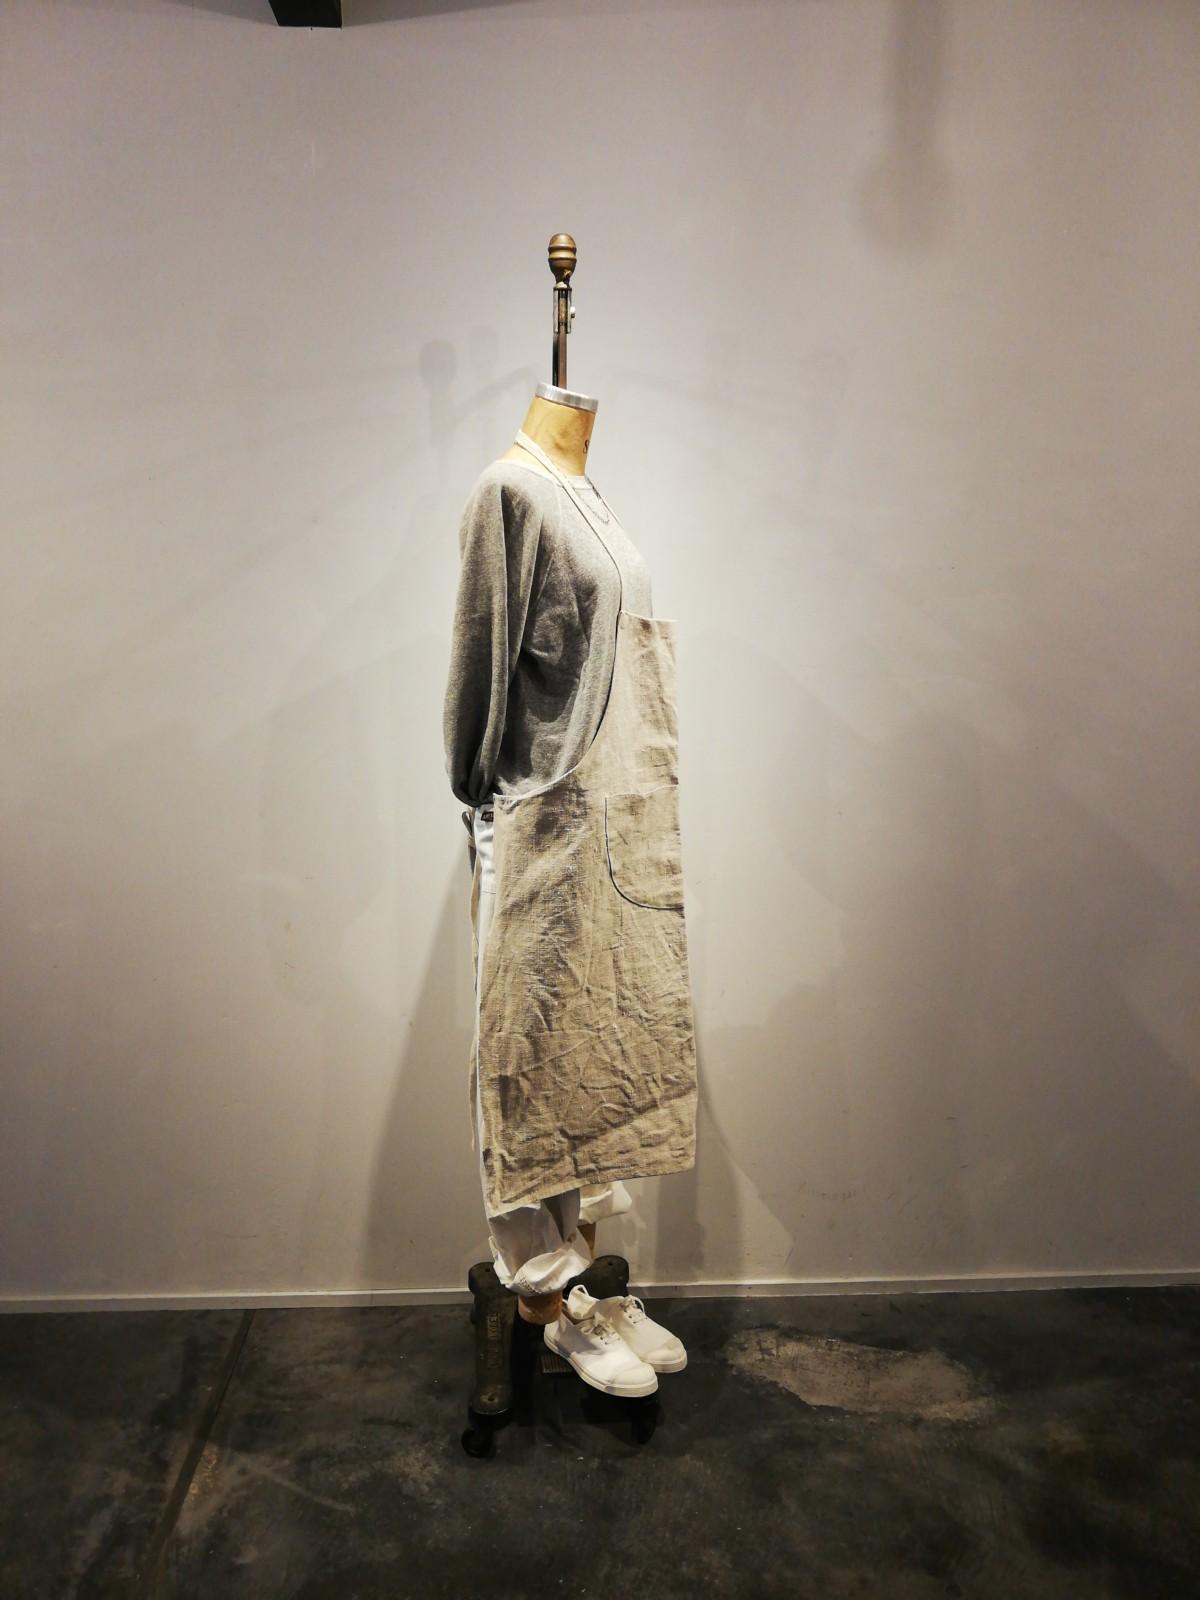 DEECEE,painter pants,USA, bensimon, BROWN.remake, apron